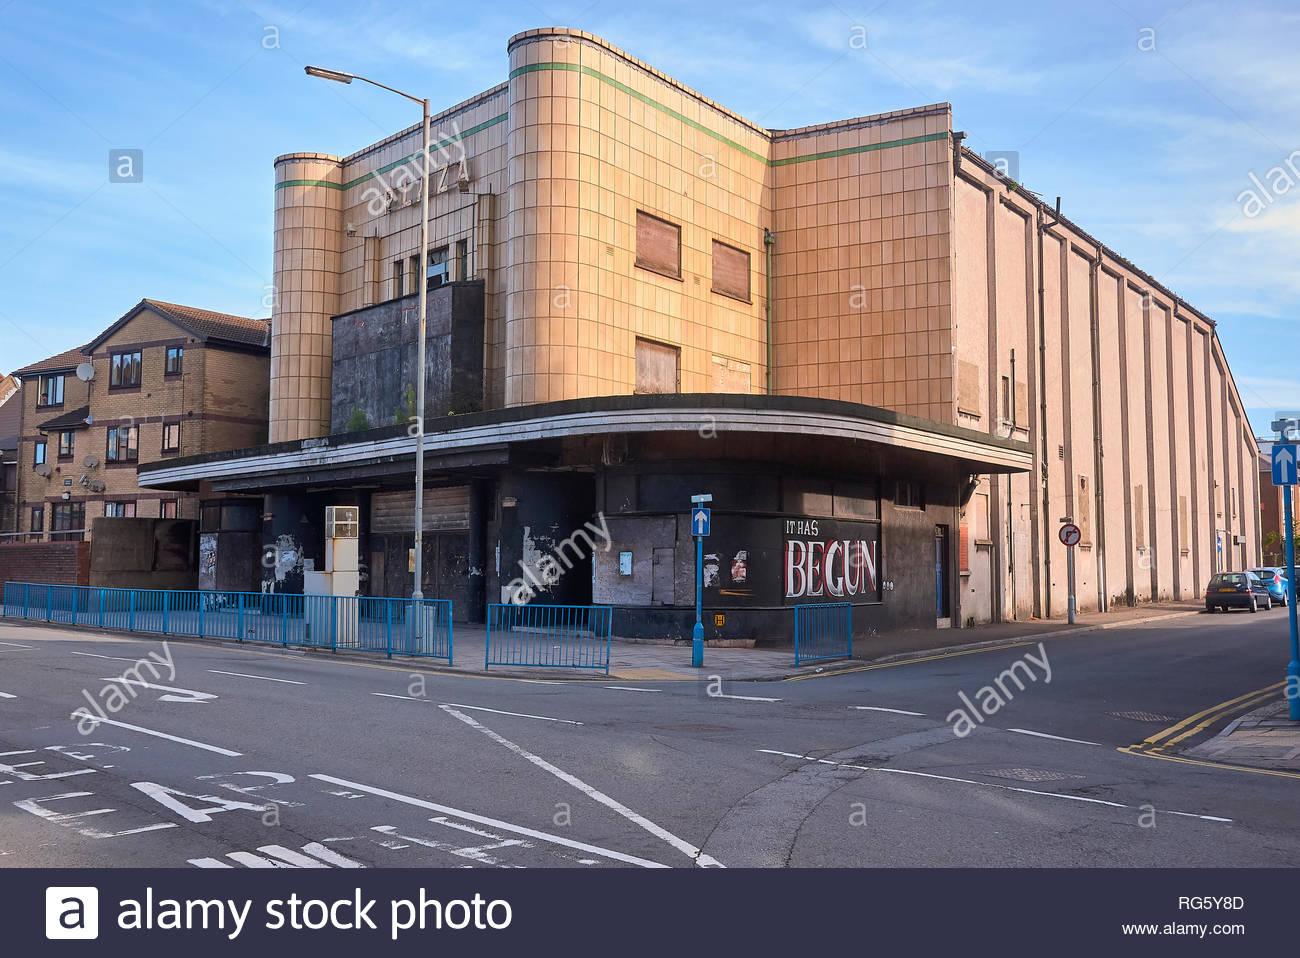 Fermé le cinéma Plaza dans un immeuble des années 1930 à Port Talbot Talbot Road South Wales UK Photo Stock